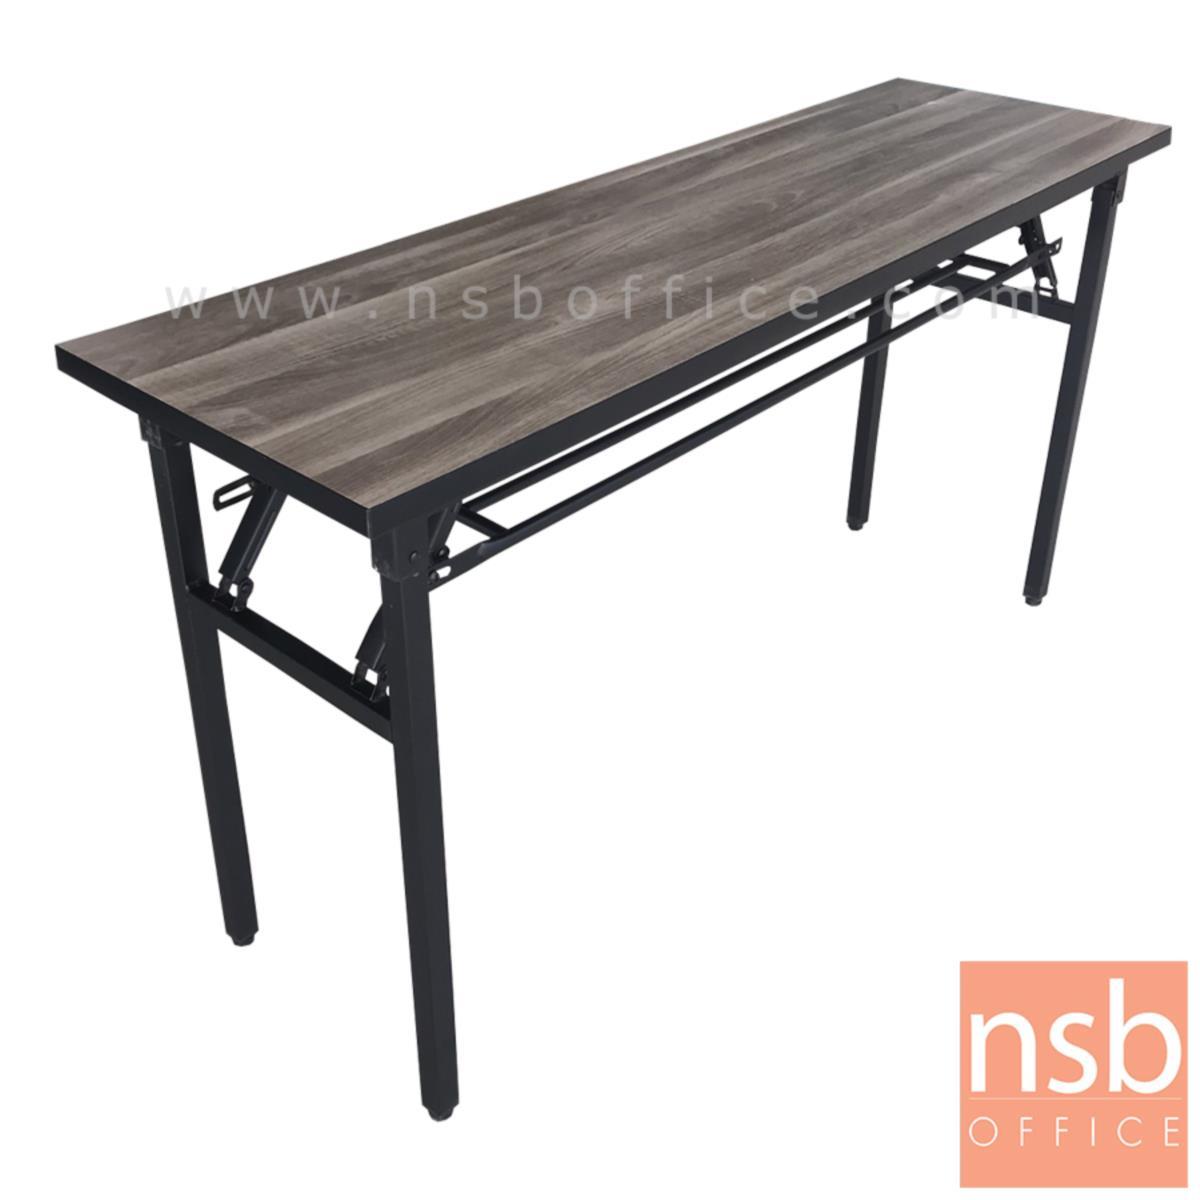 โต๊ะประชุม 150W*45H cm.  รุ่น Odyssey (โอดิสซีย์)  มีตะแกรงล่าง โครงเหล็กพ่นสี